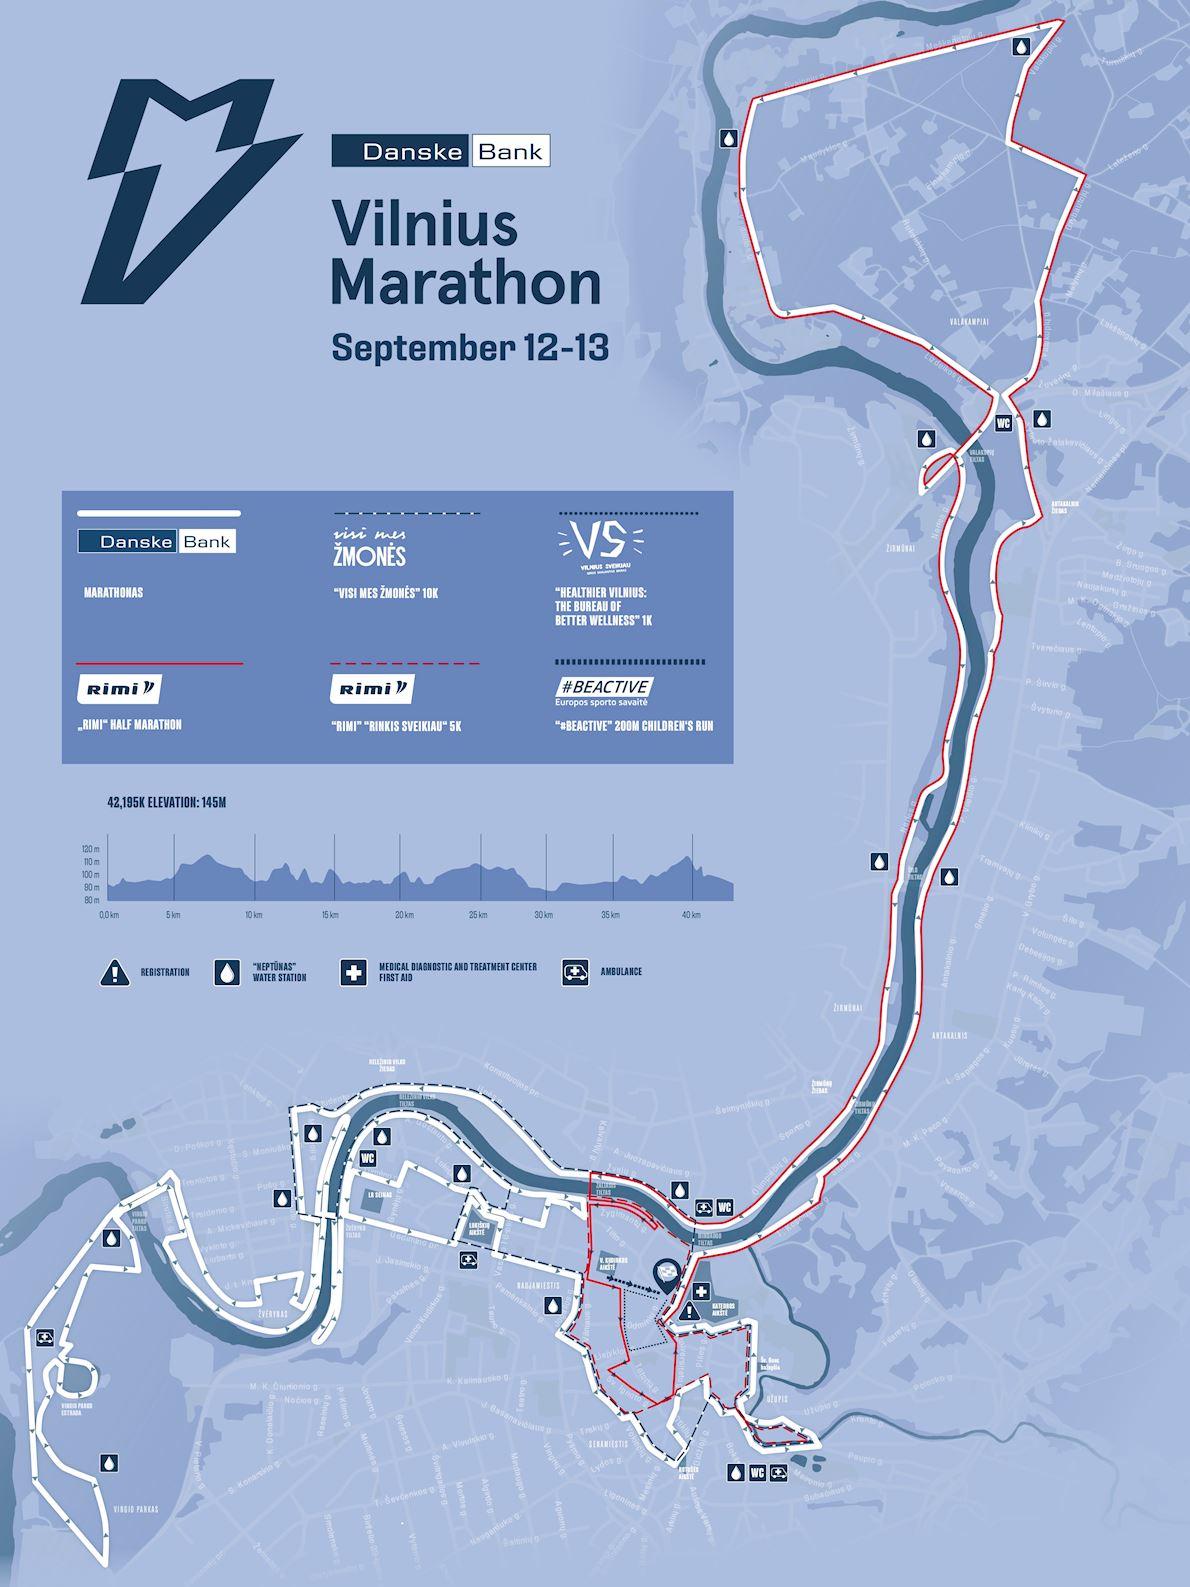 Danske Bank Vilnius Marathon Route Map